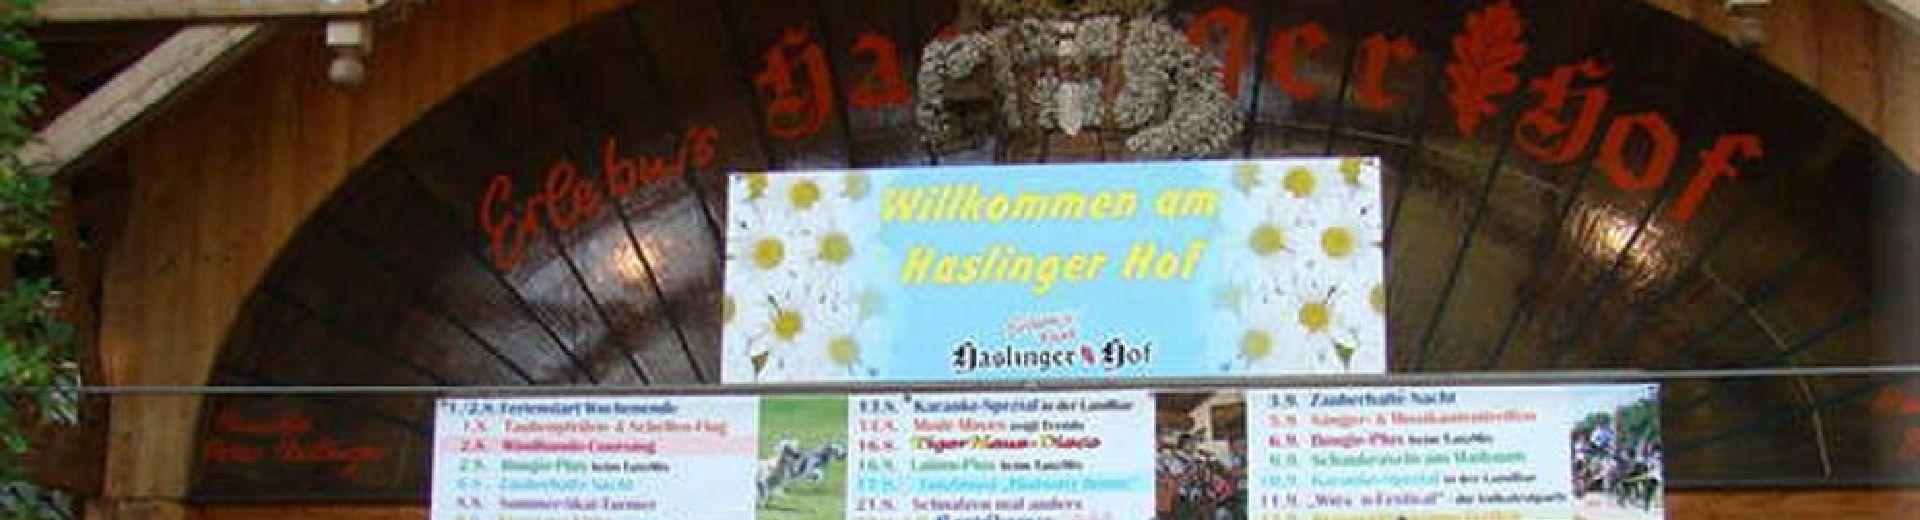 Haslinger Hof